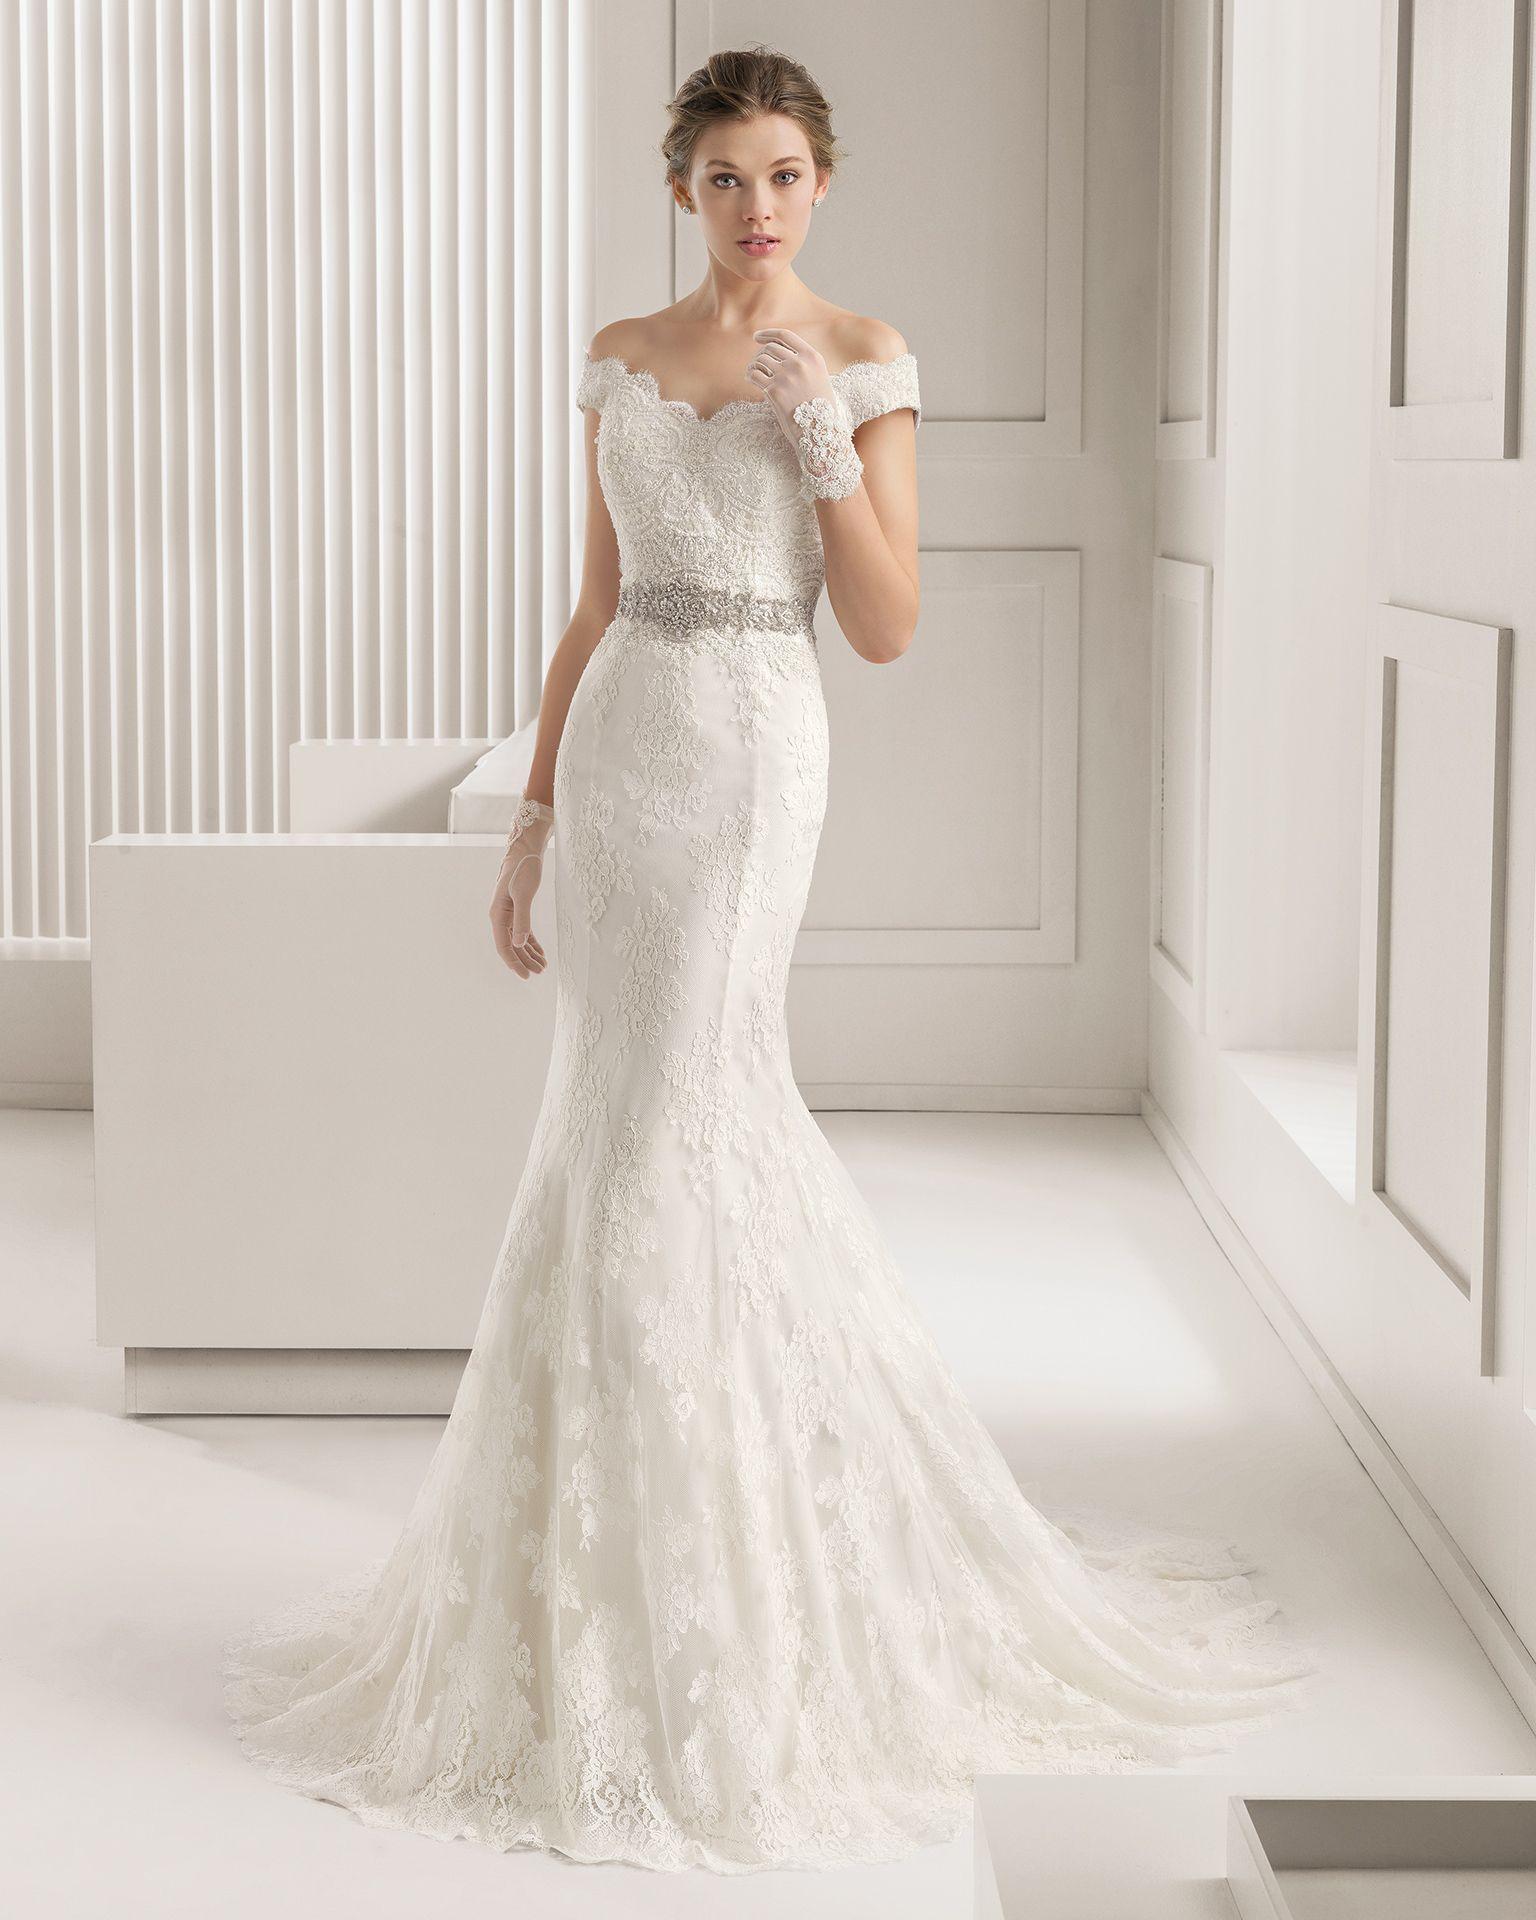 2015 vintage lace mermaid wedding dresses off shoulder for Www dhgate com wedding dresses